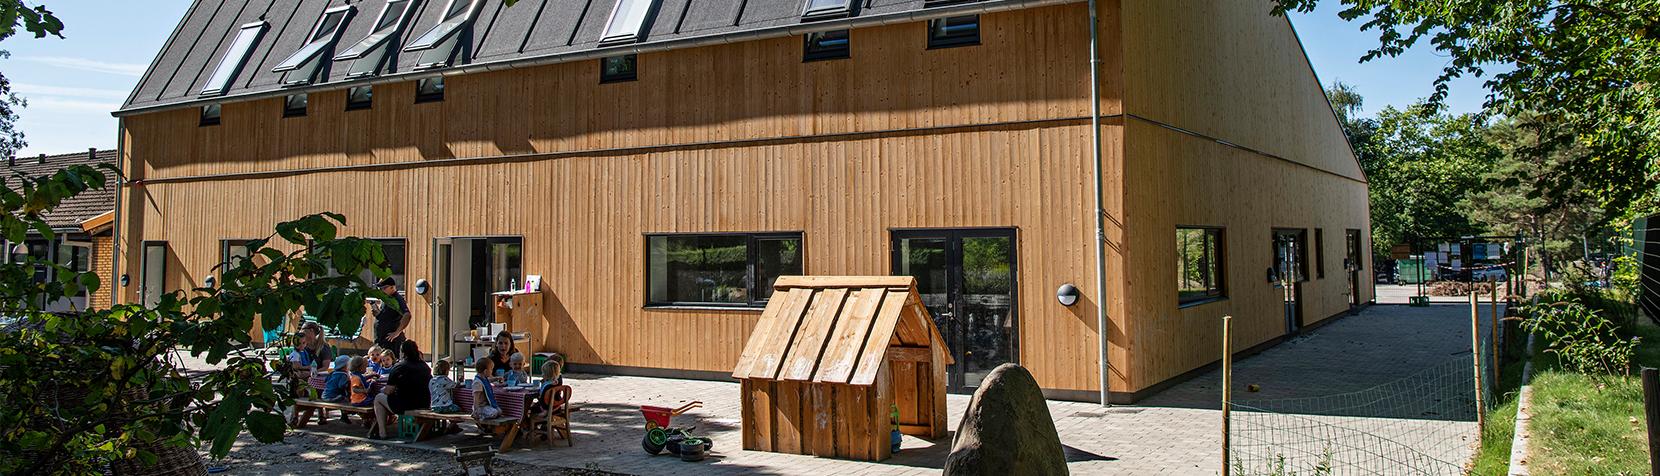 Skovlyhusets nye bygning